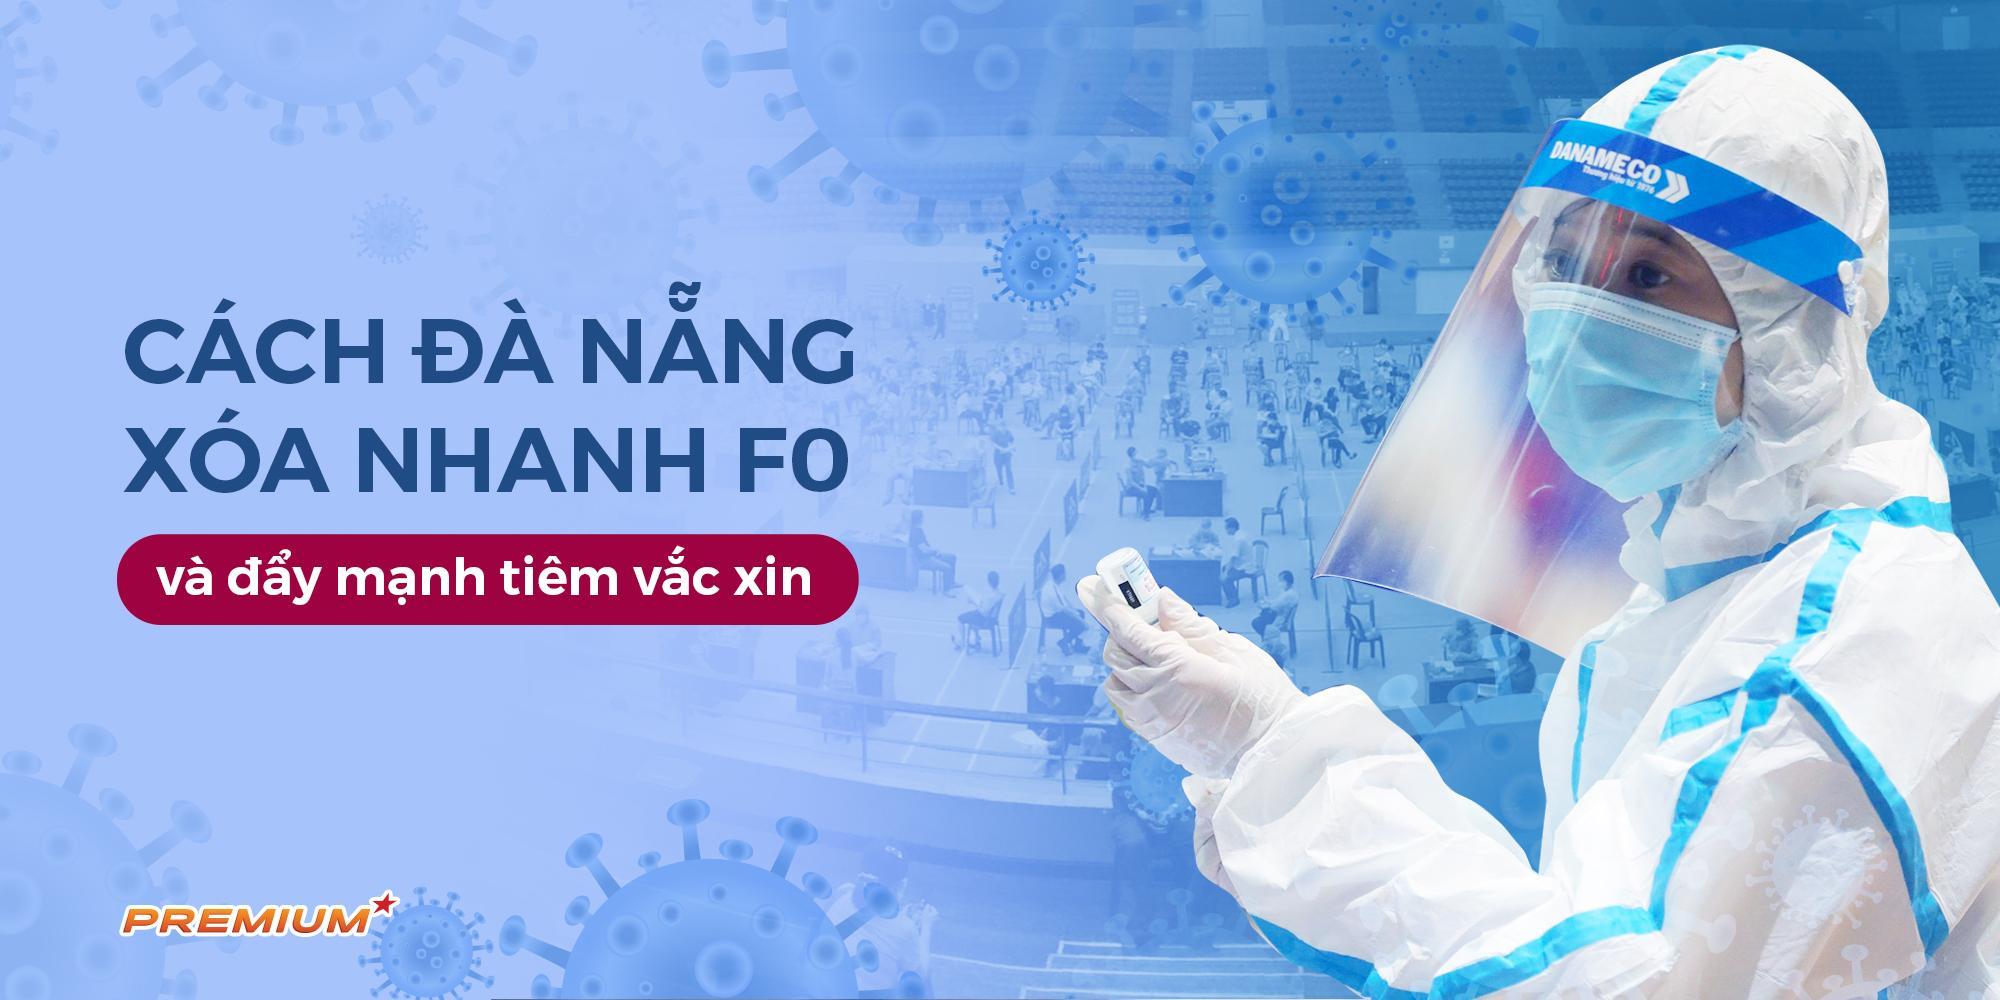 Cách Đà Nẵng xóa nhanh F0 và đẩy mạnh tiêm vắc xin